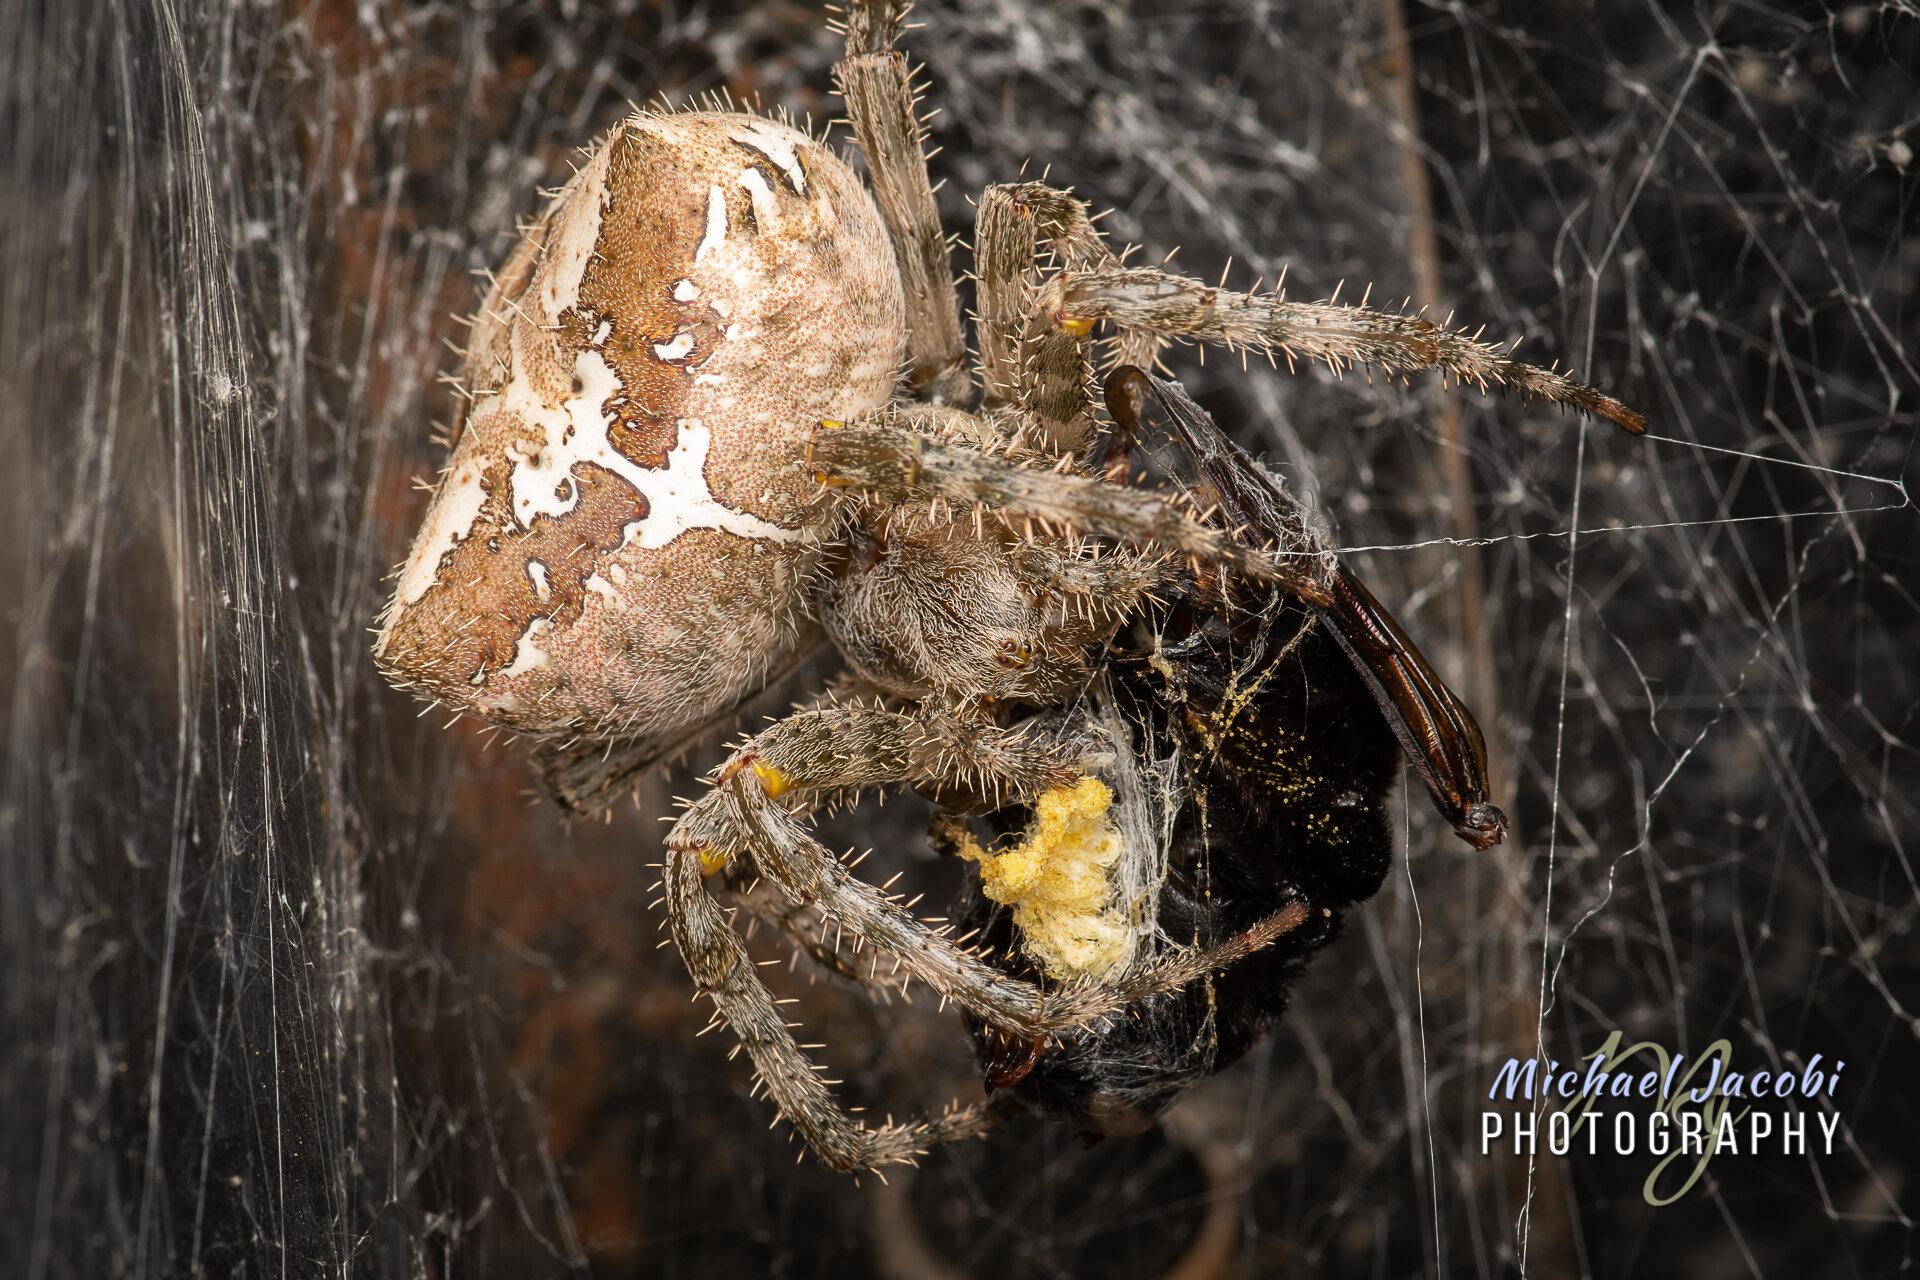 Araneus_gemmoides_3.jpg